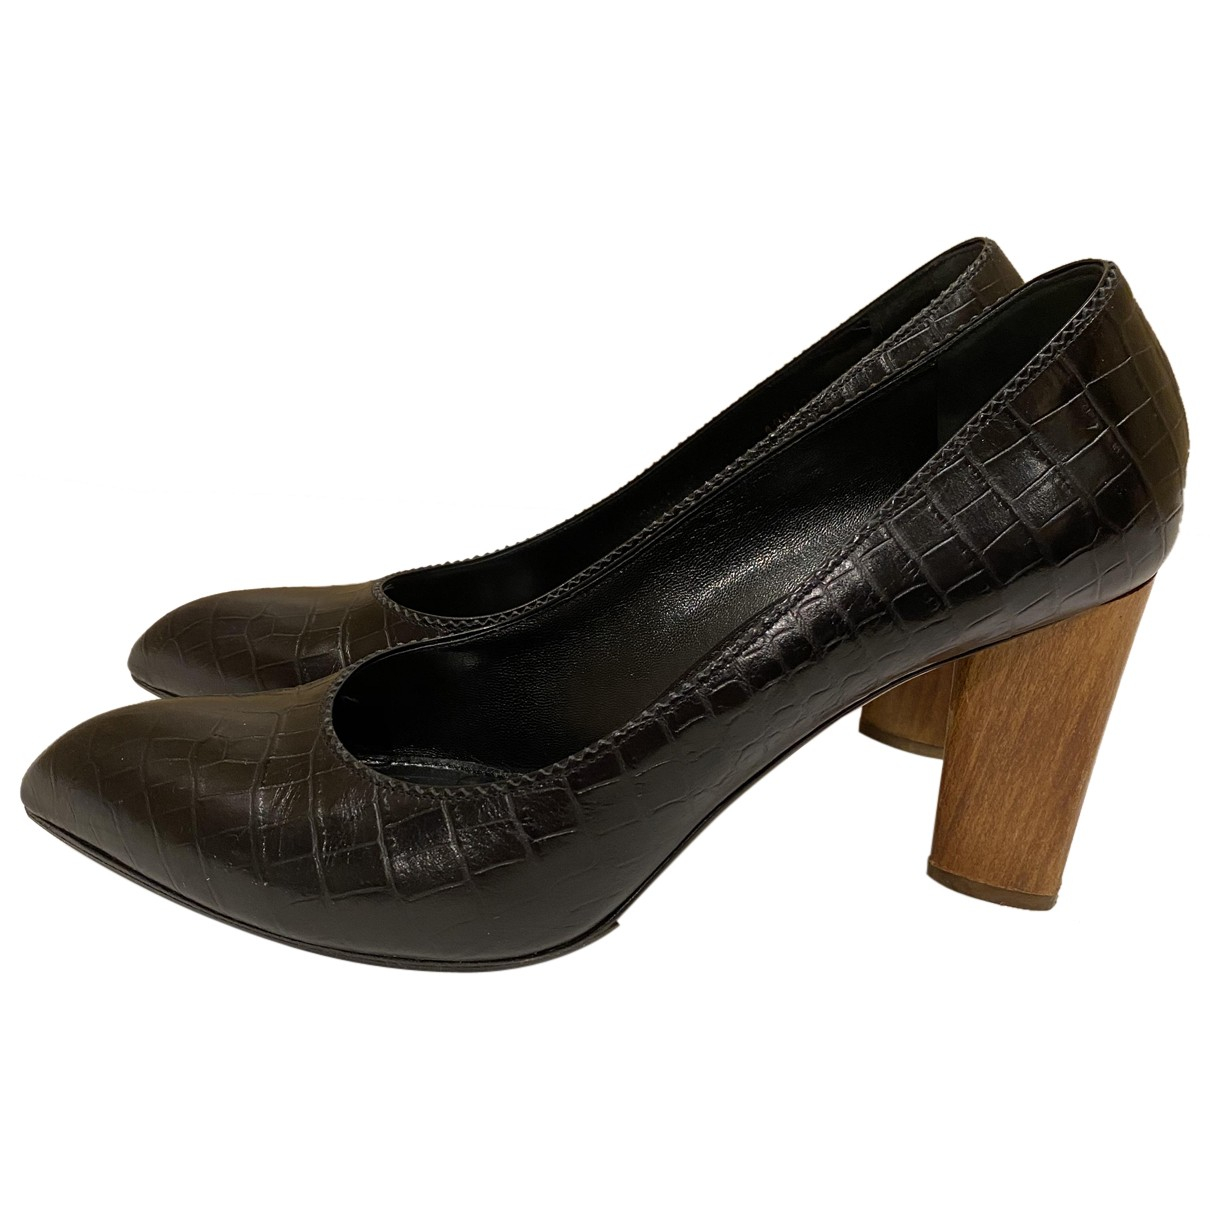 Yves Saint Laurent - Escarpins   pour femme en cuir - noir